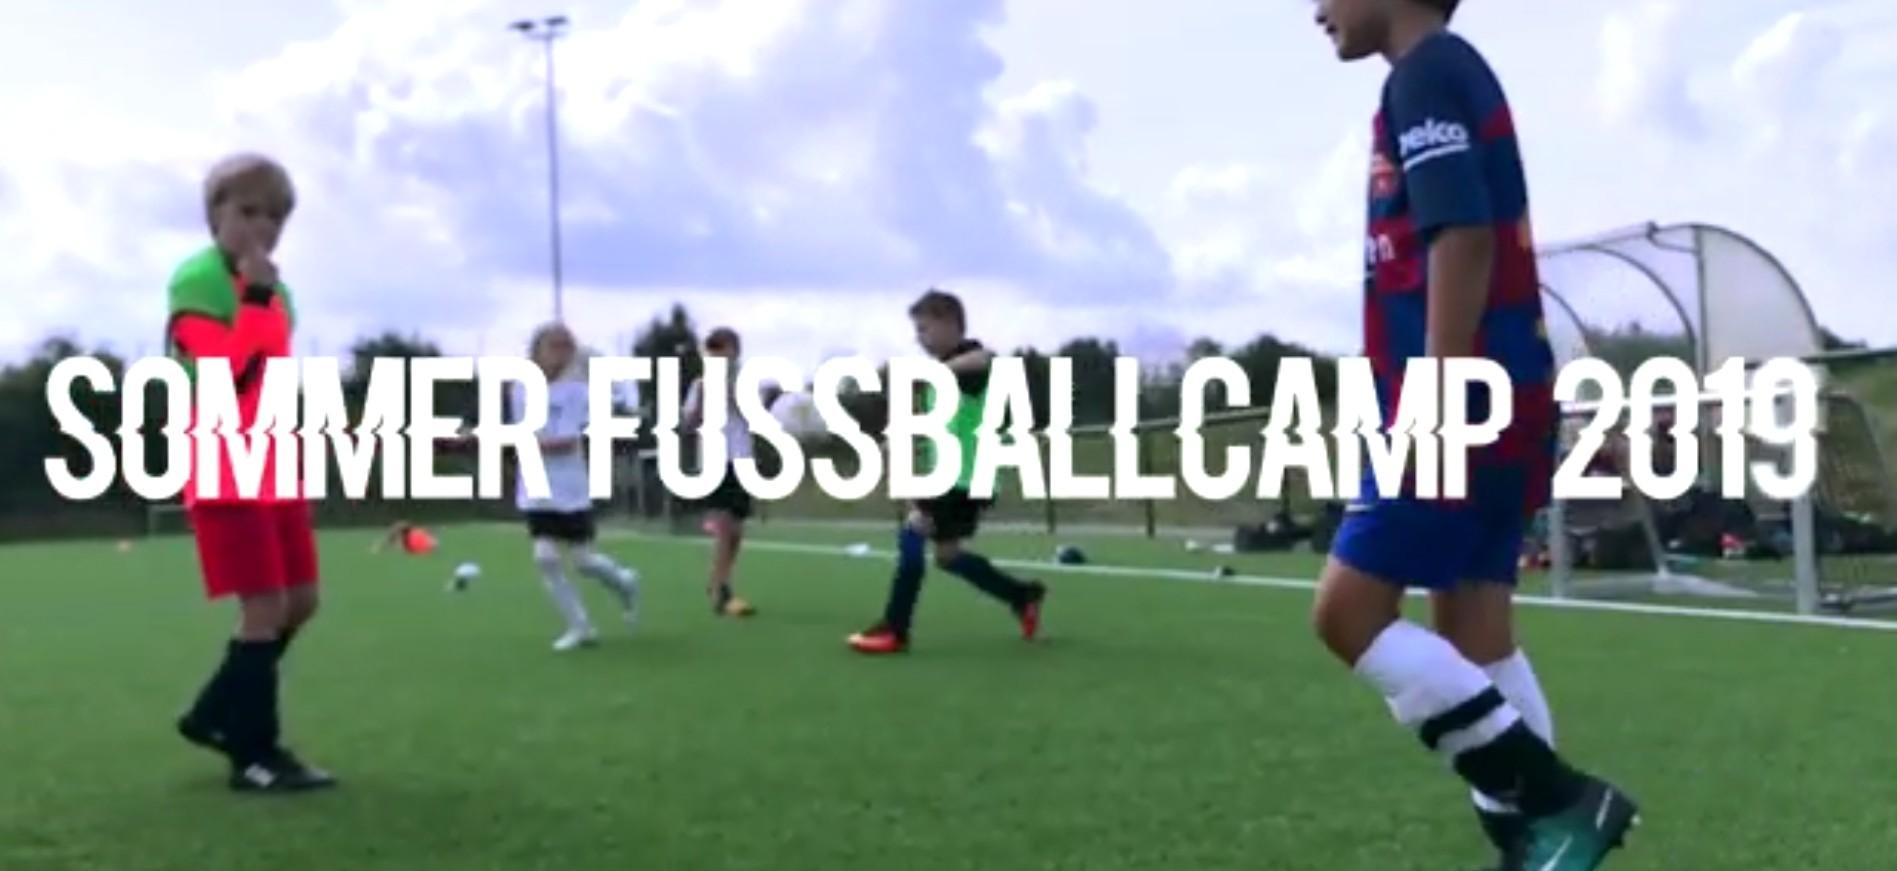 Sommerfussballcamp 2019